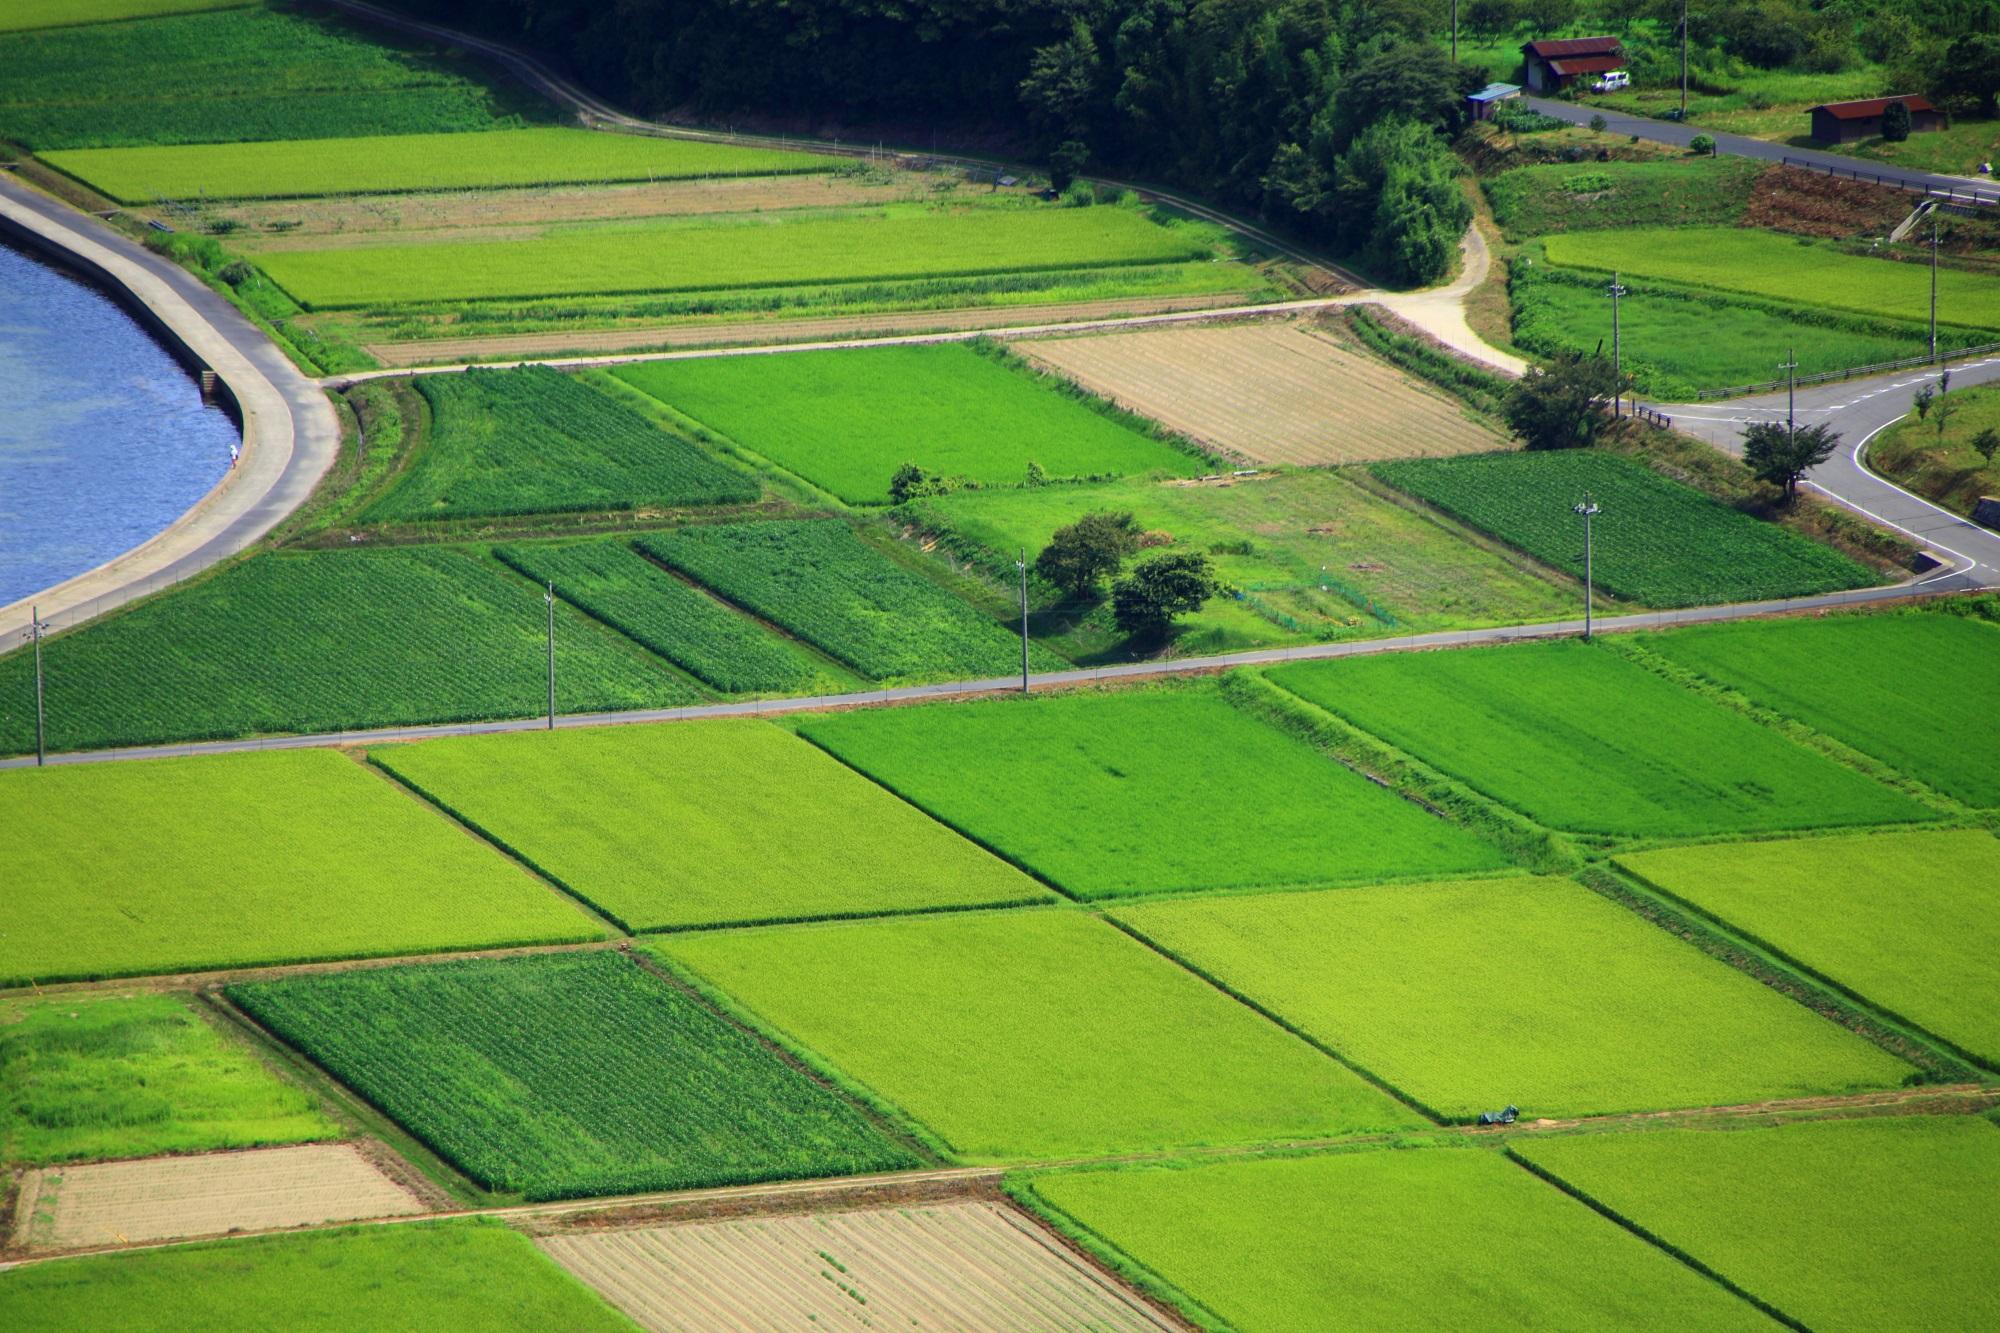 久美浜湾の様々な色合いの緑色をした美しい田んぼ